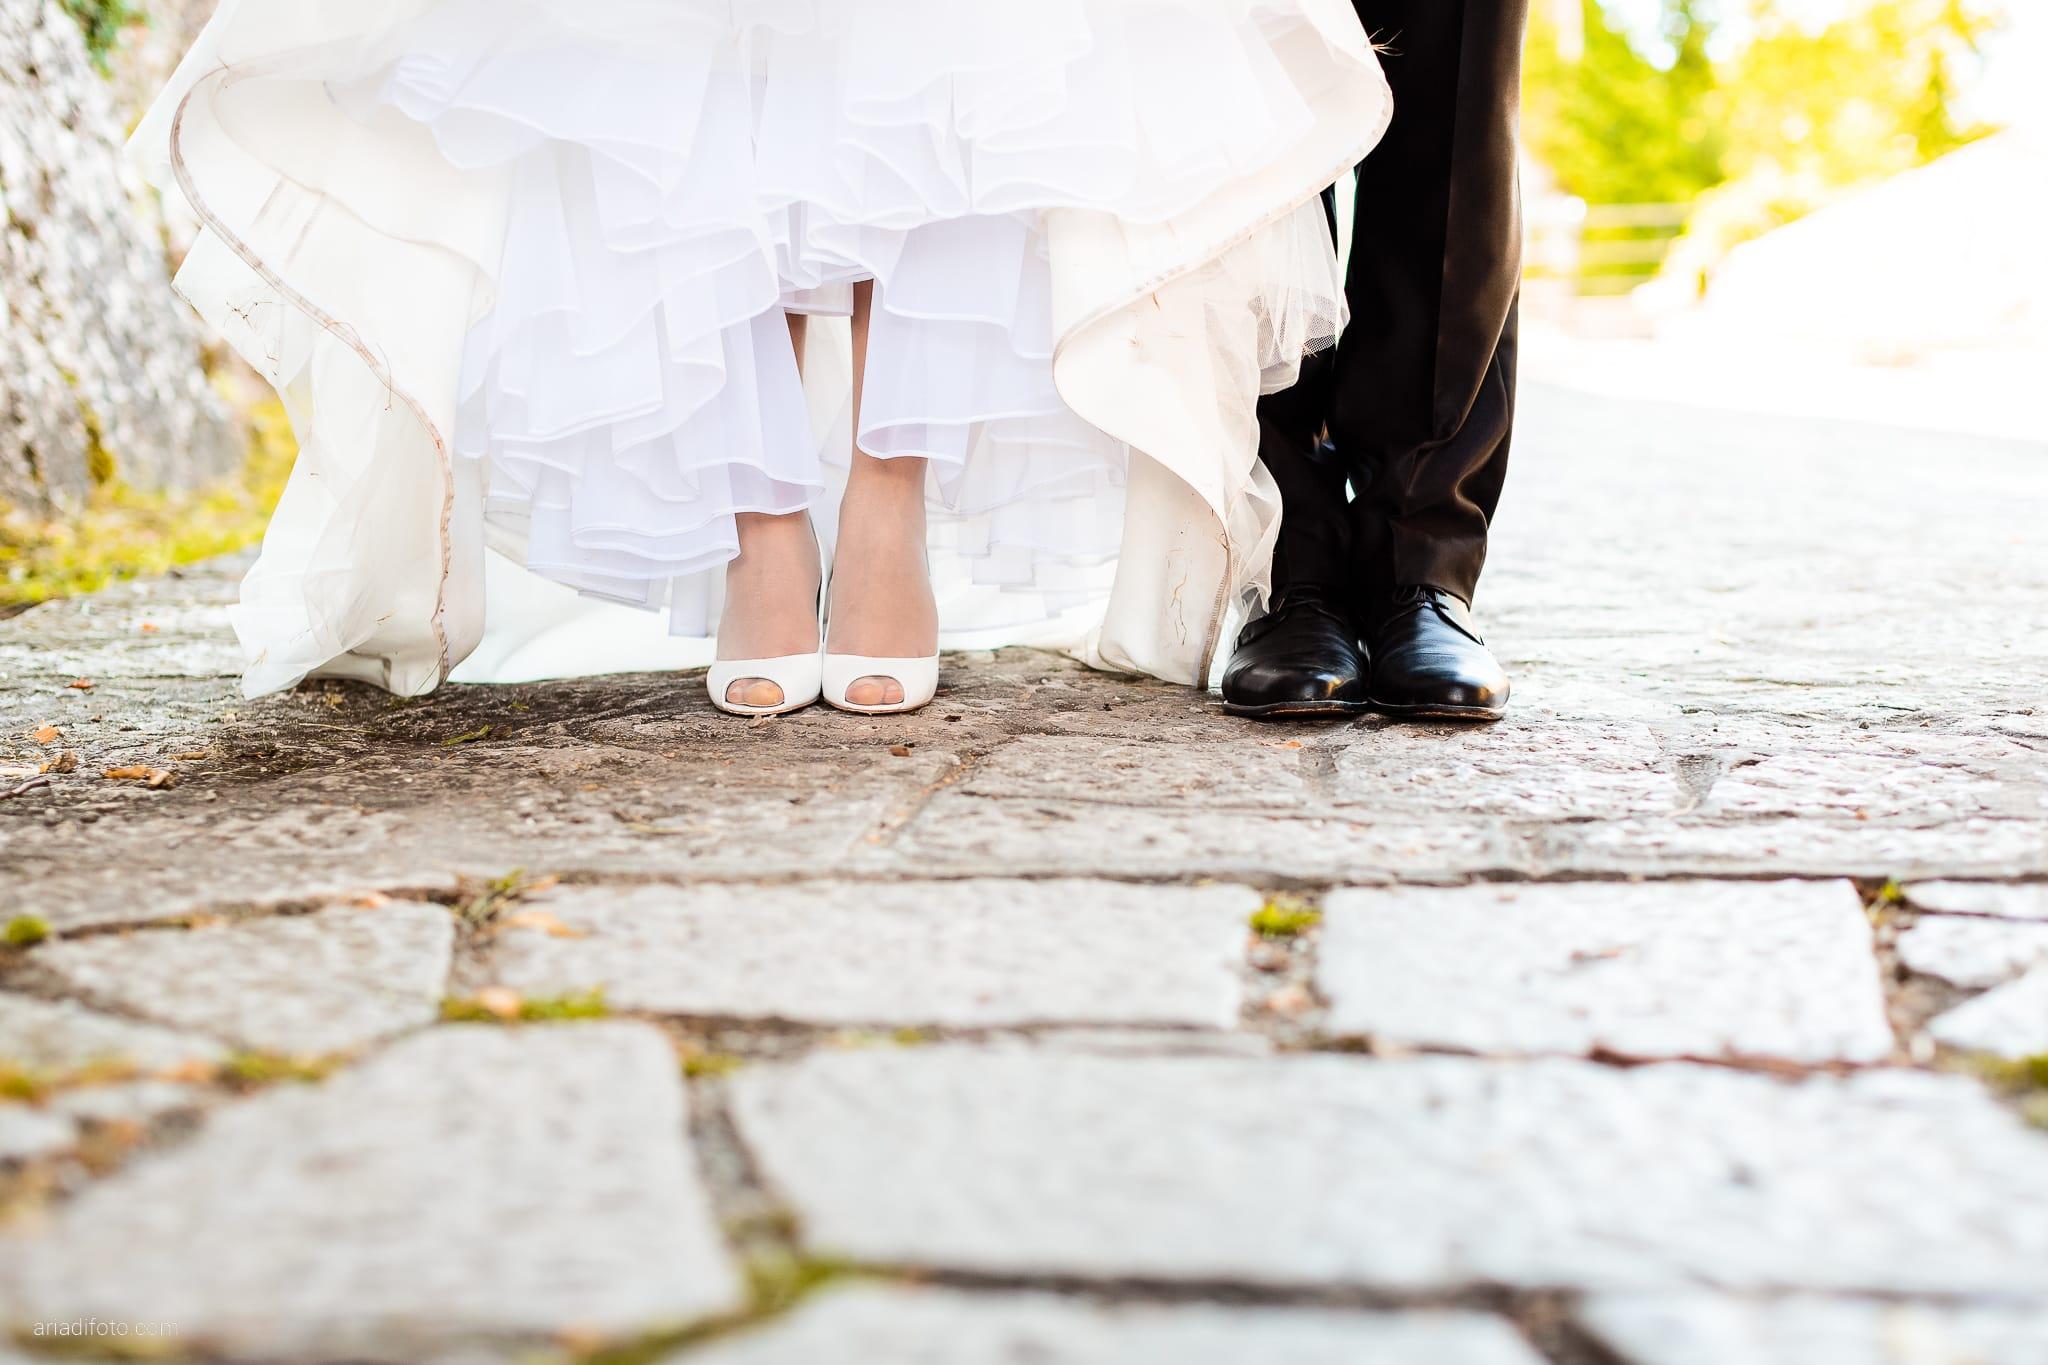 Fiordaliso Andrea matrimonio Salvia Rosmarino Trieste ritratti sposi Monrupino dettagli scarpe